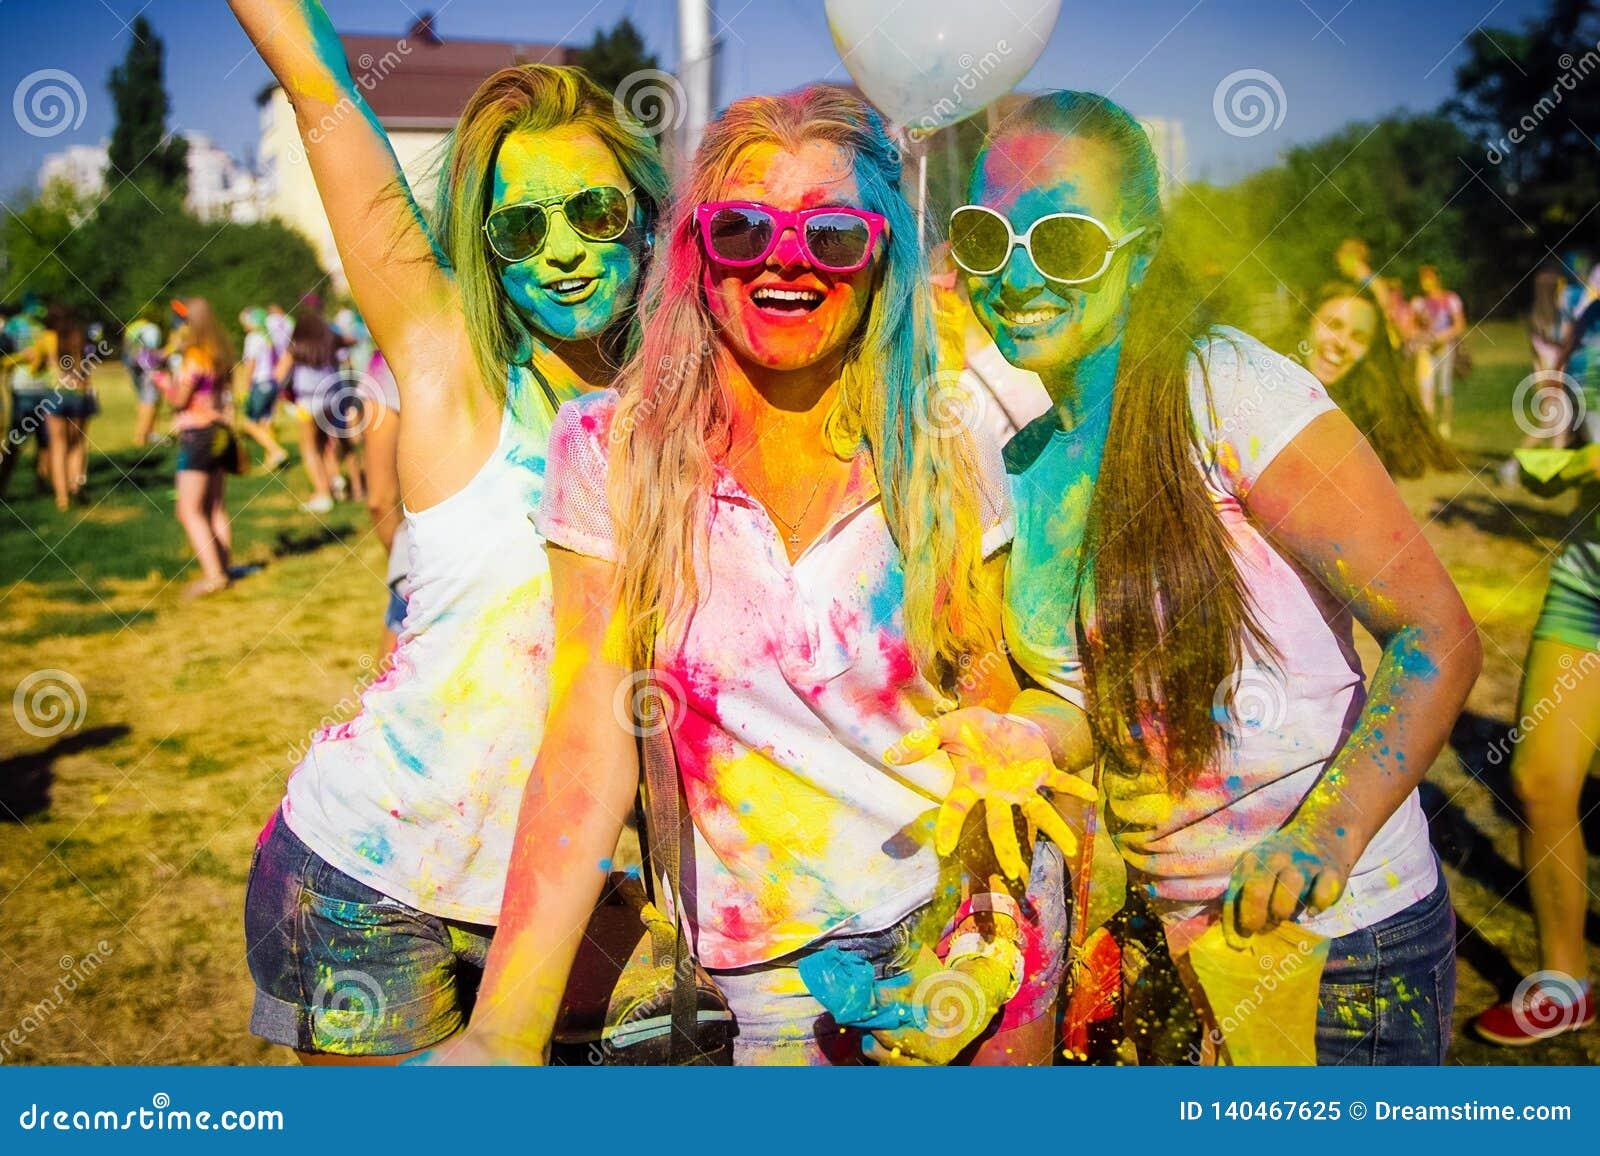 KRASNODAR, KRASNODAR-REGION, RUSSLAND 04 05 2018:: Eine Gruppe junge Mädchen am Holi-Festival von Farben in Russland